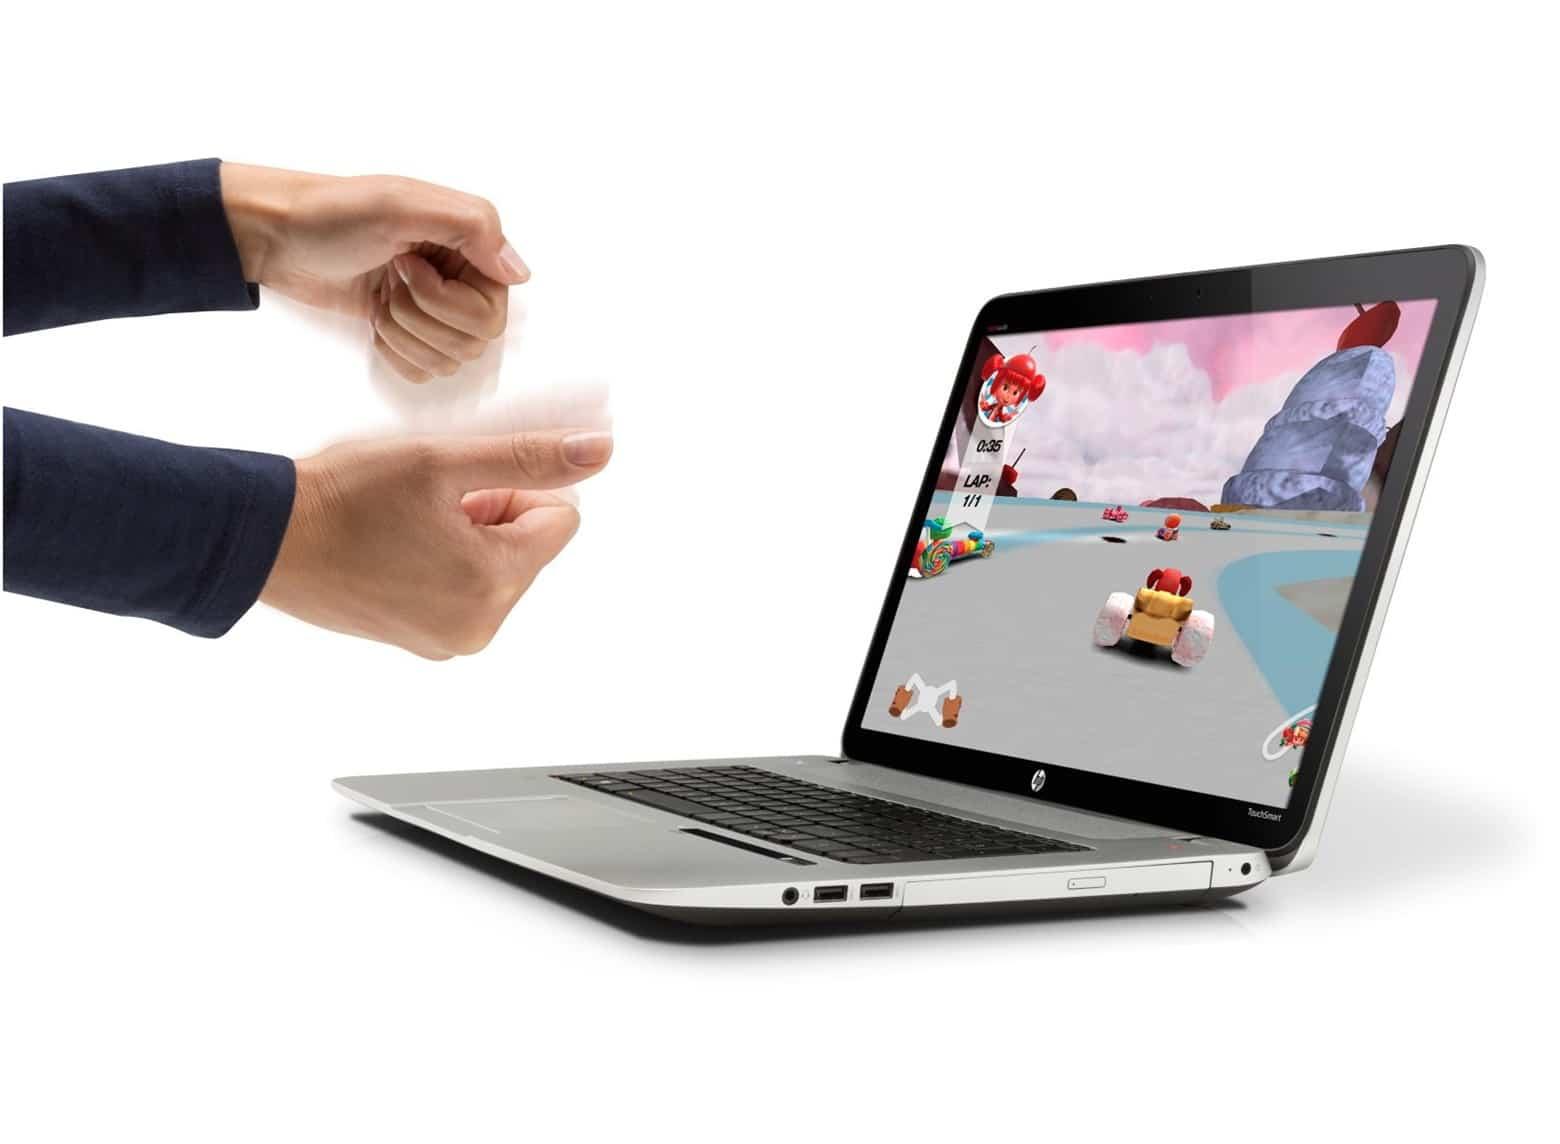 HP Envy 17-j103ef Leap Motion, 17'' avec Core i5, GT 750M, clavier rétro-éclairé à 715€ (promo)